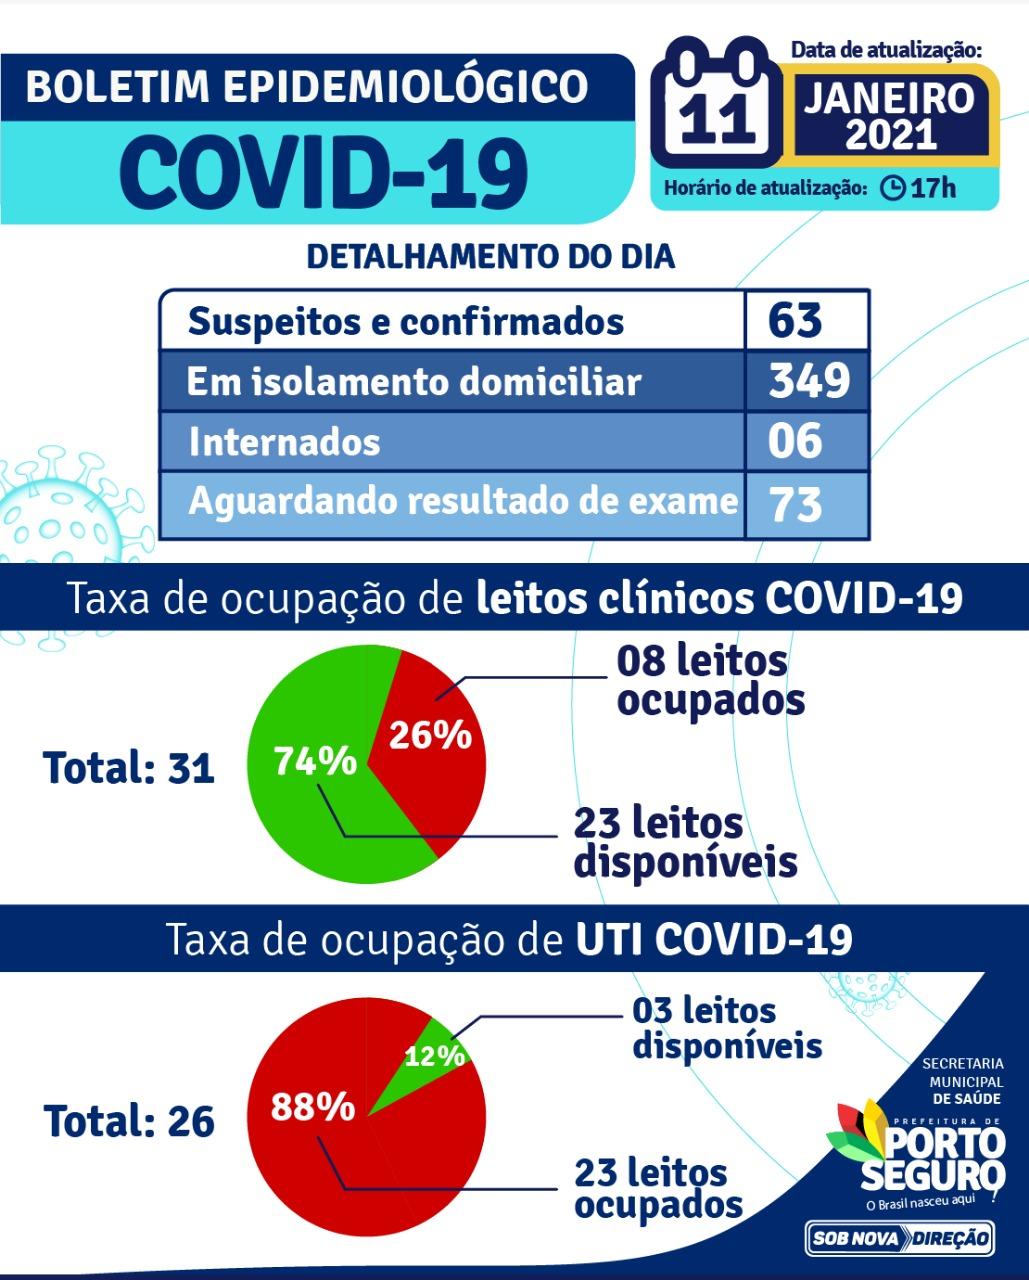 Porto Seguro: Secretaria de Saúde divulga Boletim Epidemiológico com dados atualizados período de 14/03/2020 a 11/01/2021 23